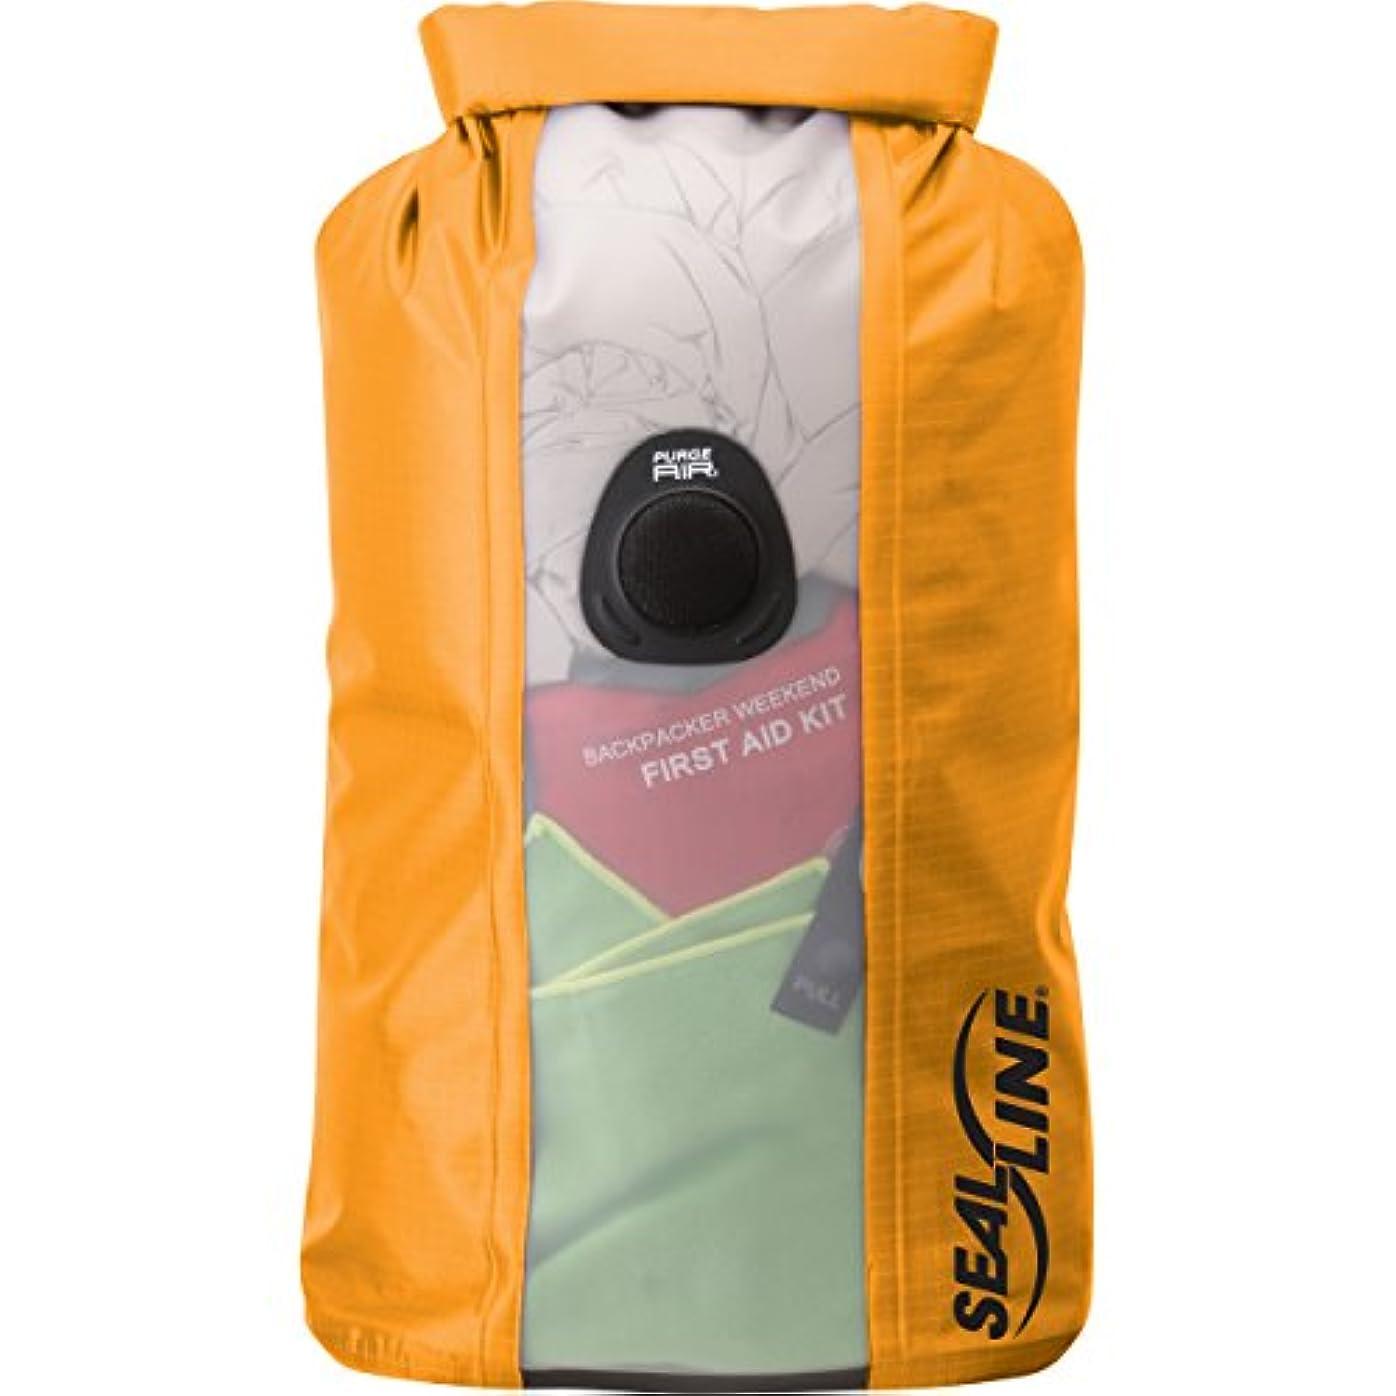 最後のオークションシリングSealLine(シールライン) アウトドア 防水バッグ バルクヘッドビュードライバッグ 30L オレンジ 32017